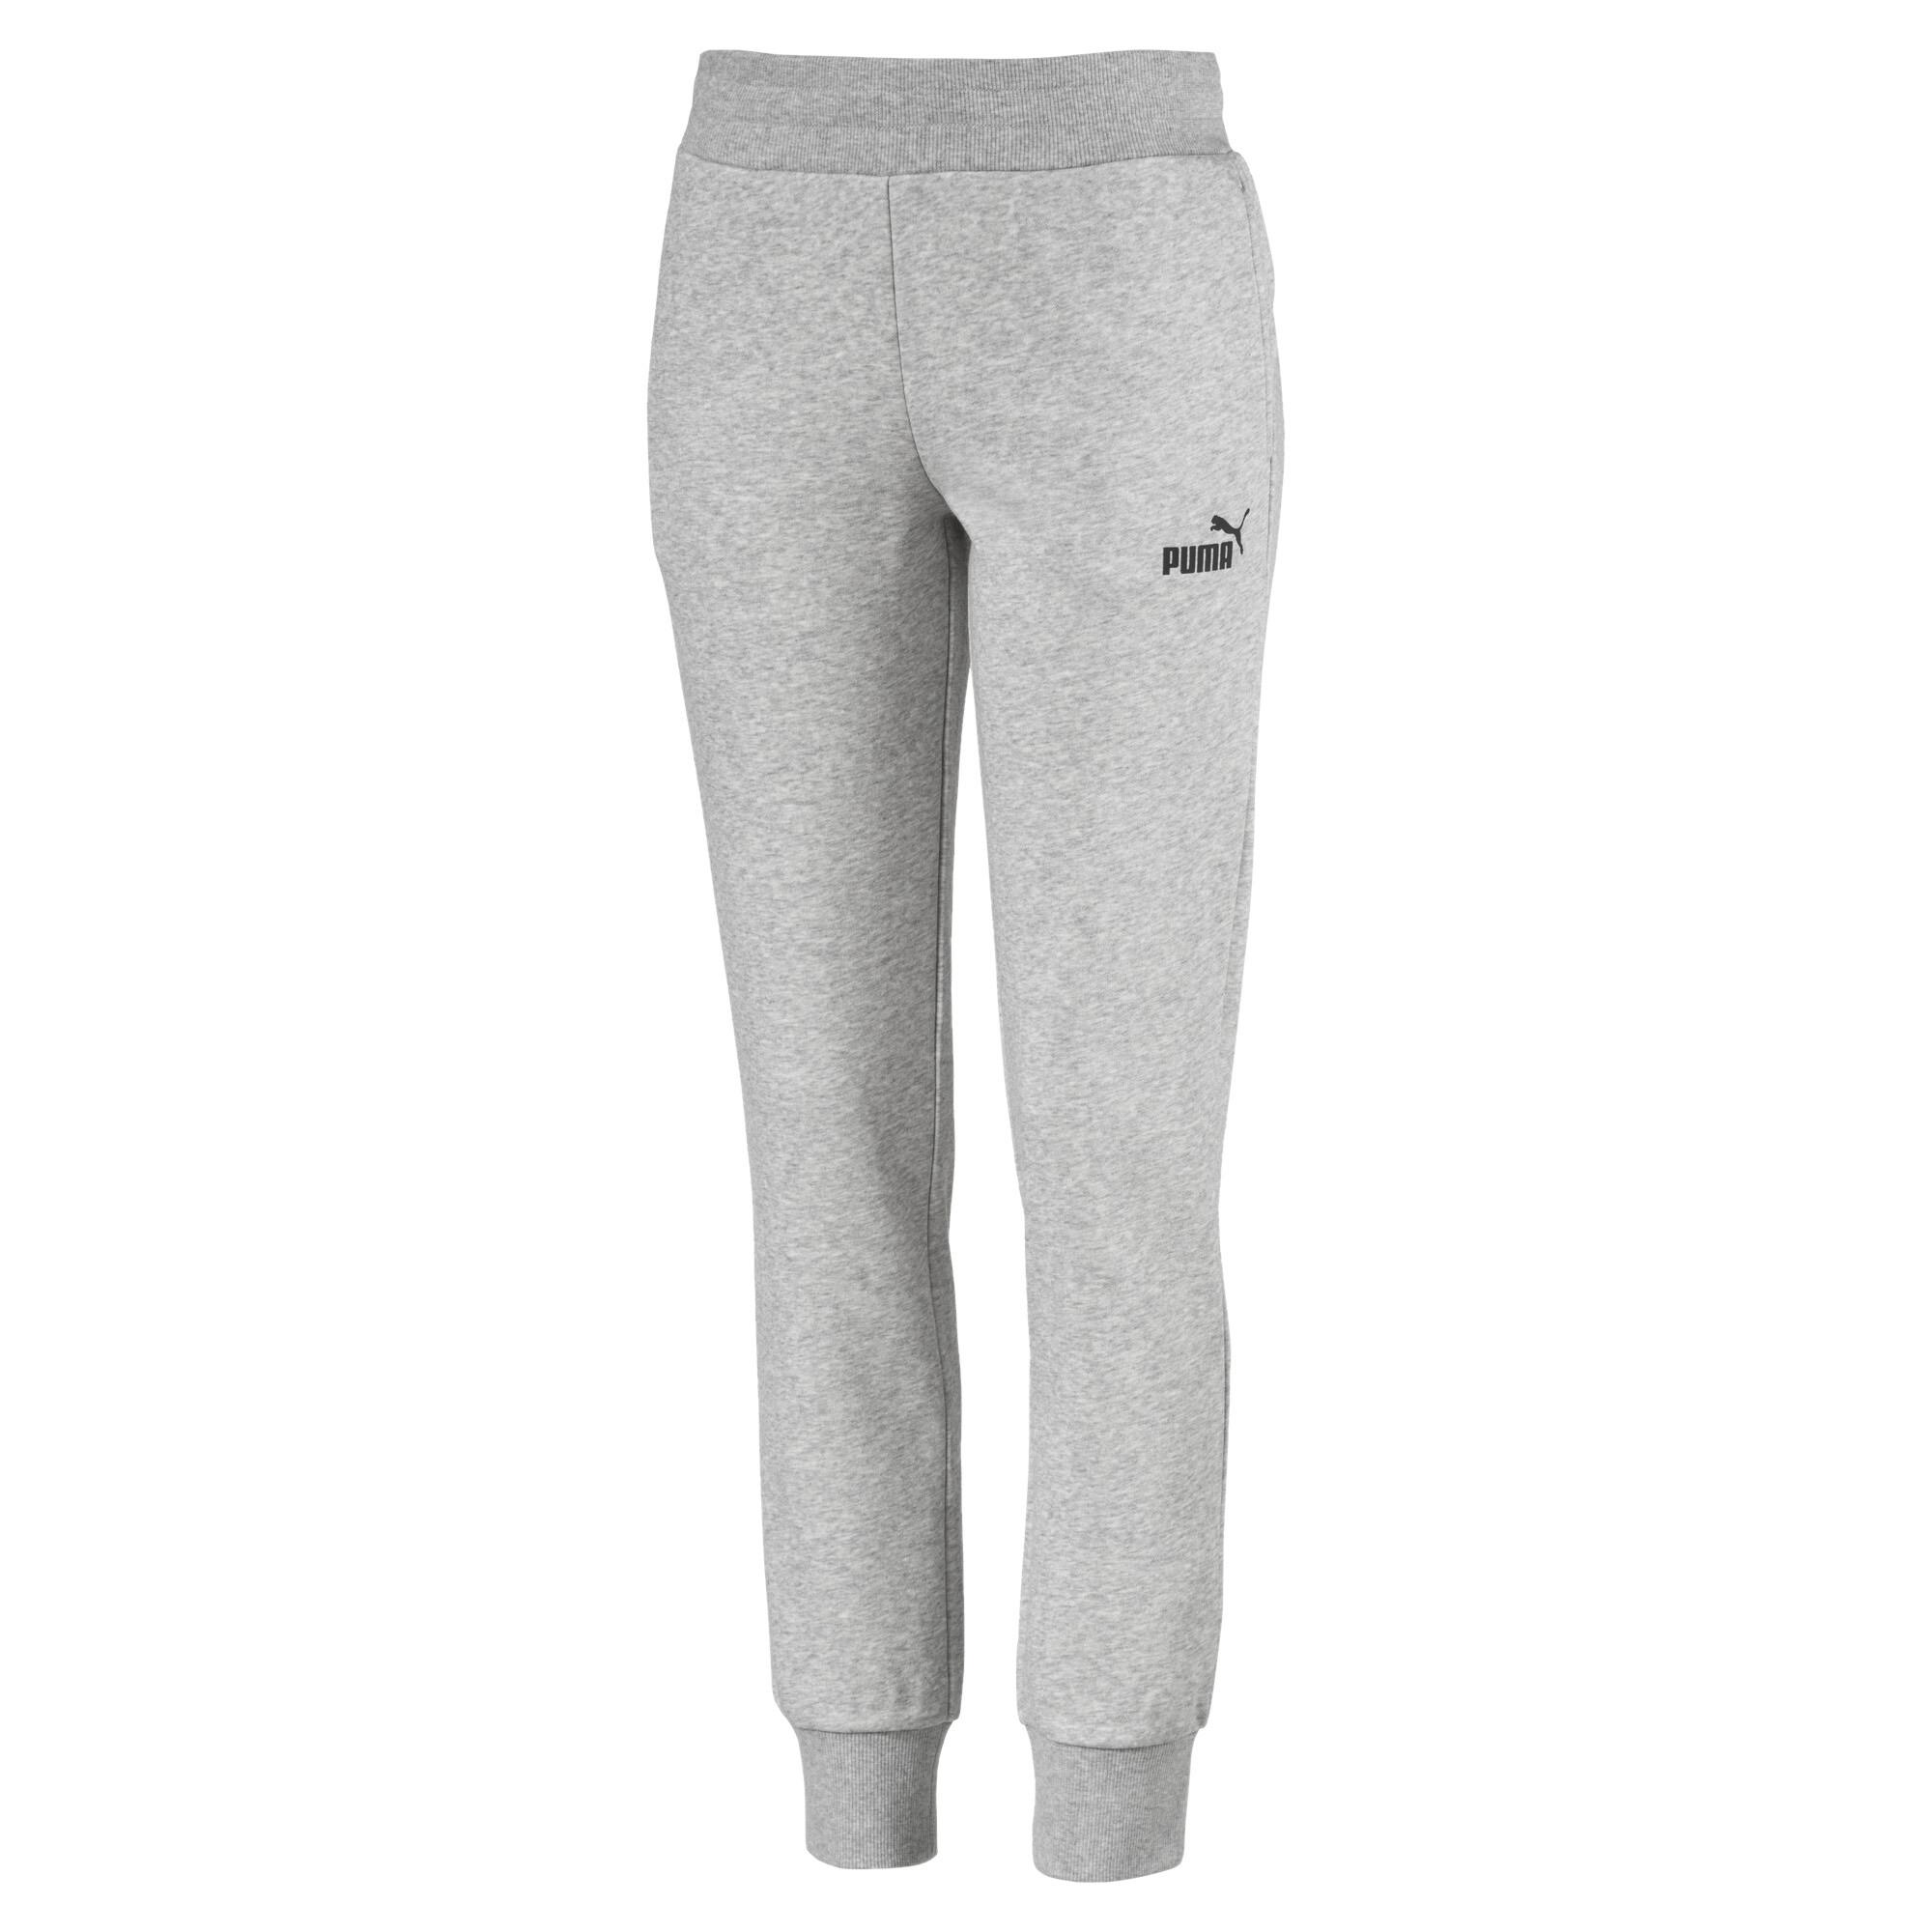 Image Puma Essentials Fleece Women's Pants #4